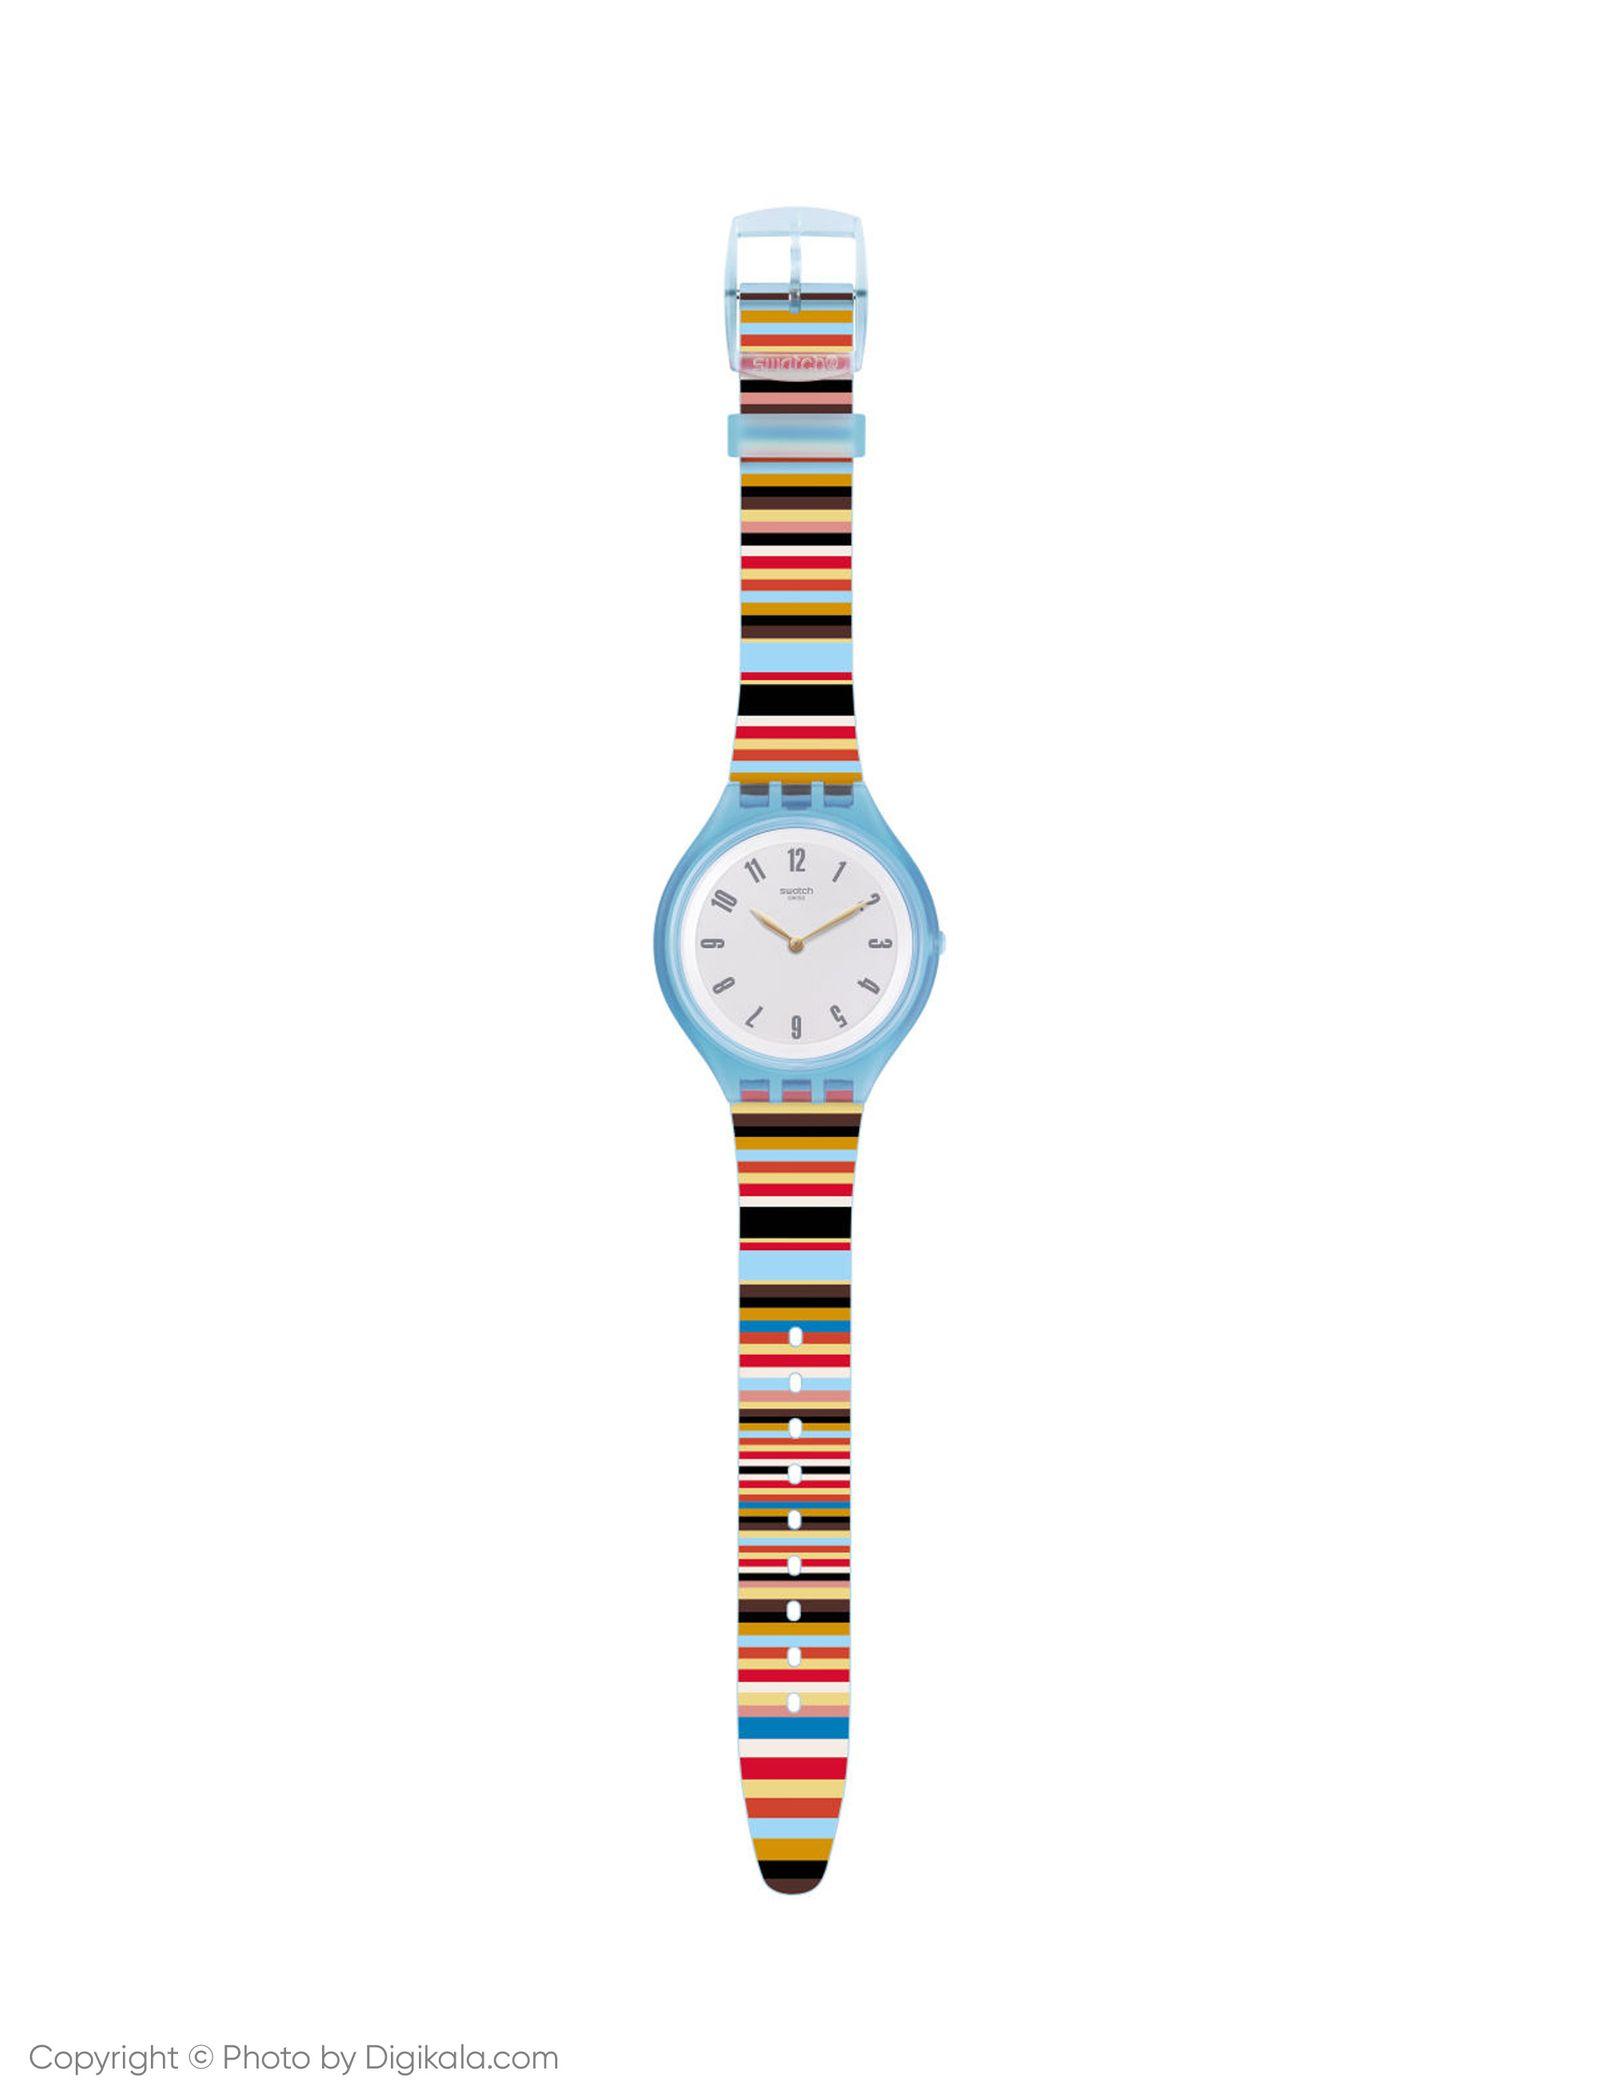 ساعت مچی عقربه ای زنانه سواچ مدل SVUL100 - چند رنگ - 5